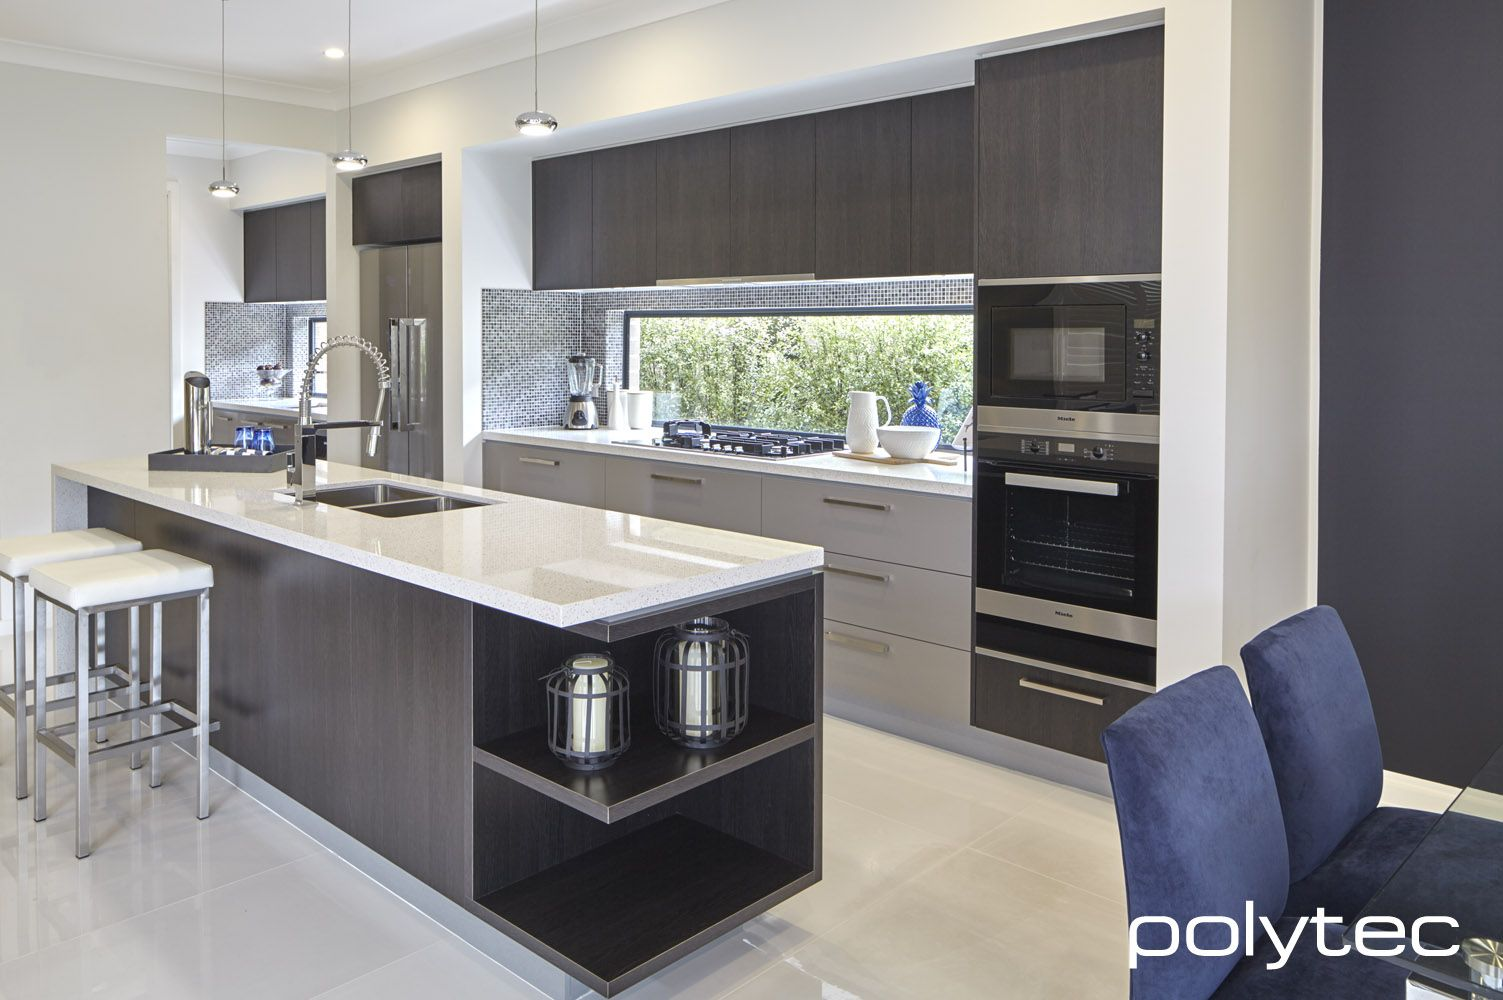 Polytec Grey Kitchen Designs Kitchen Design Kitchen Cabinet Styles